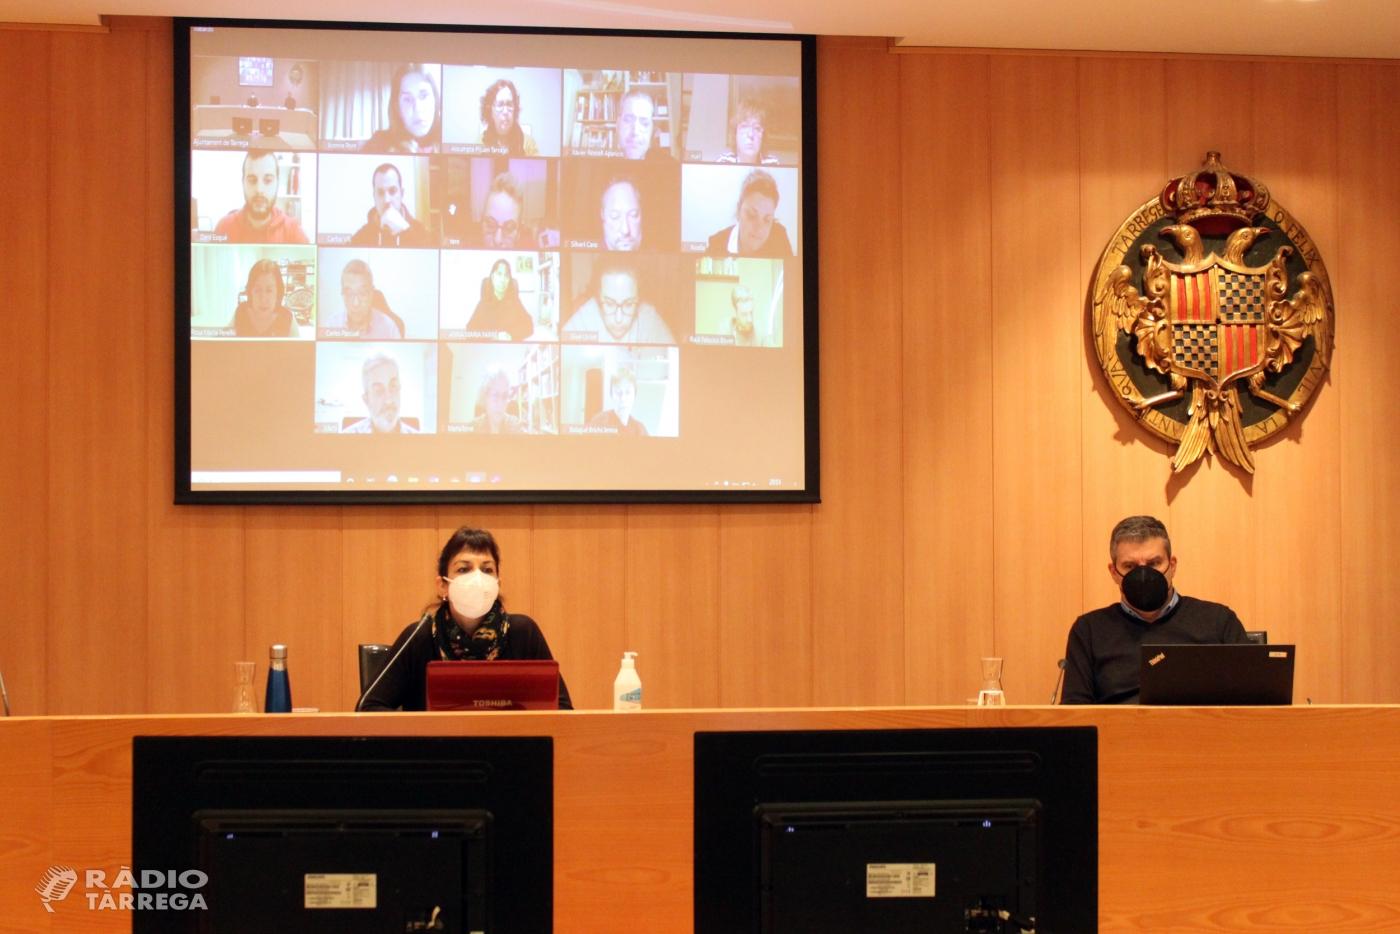 Tàrrega aprova un nou pressupost municipal de 17,8 milions d'euros que reforça l'atenció a les persones davant la crisi de la Covid-19